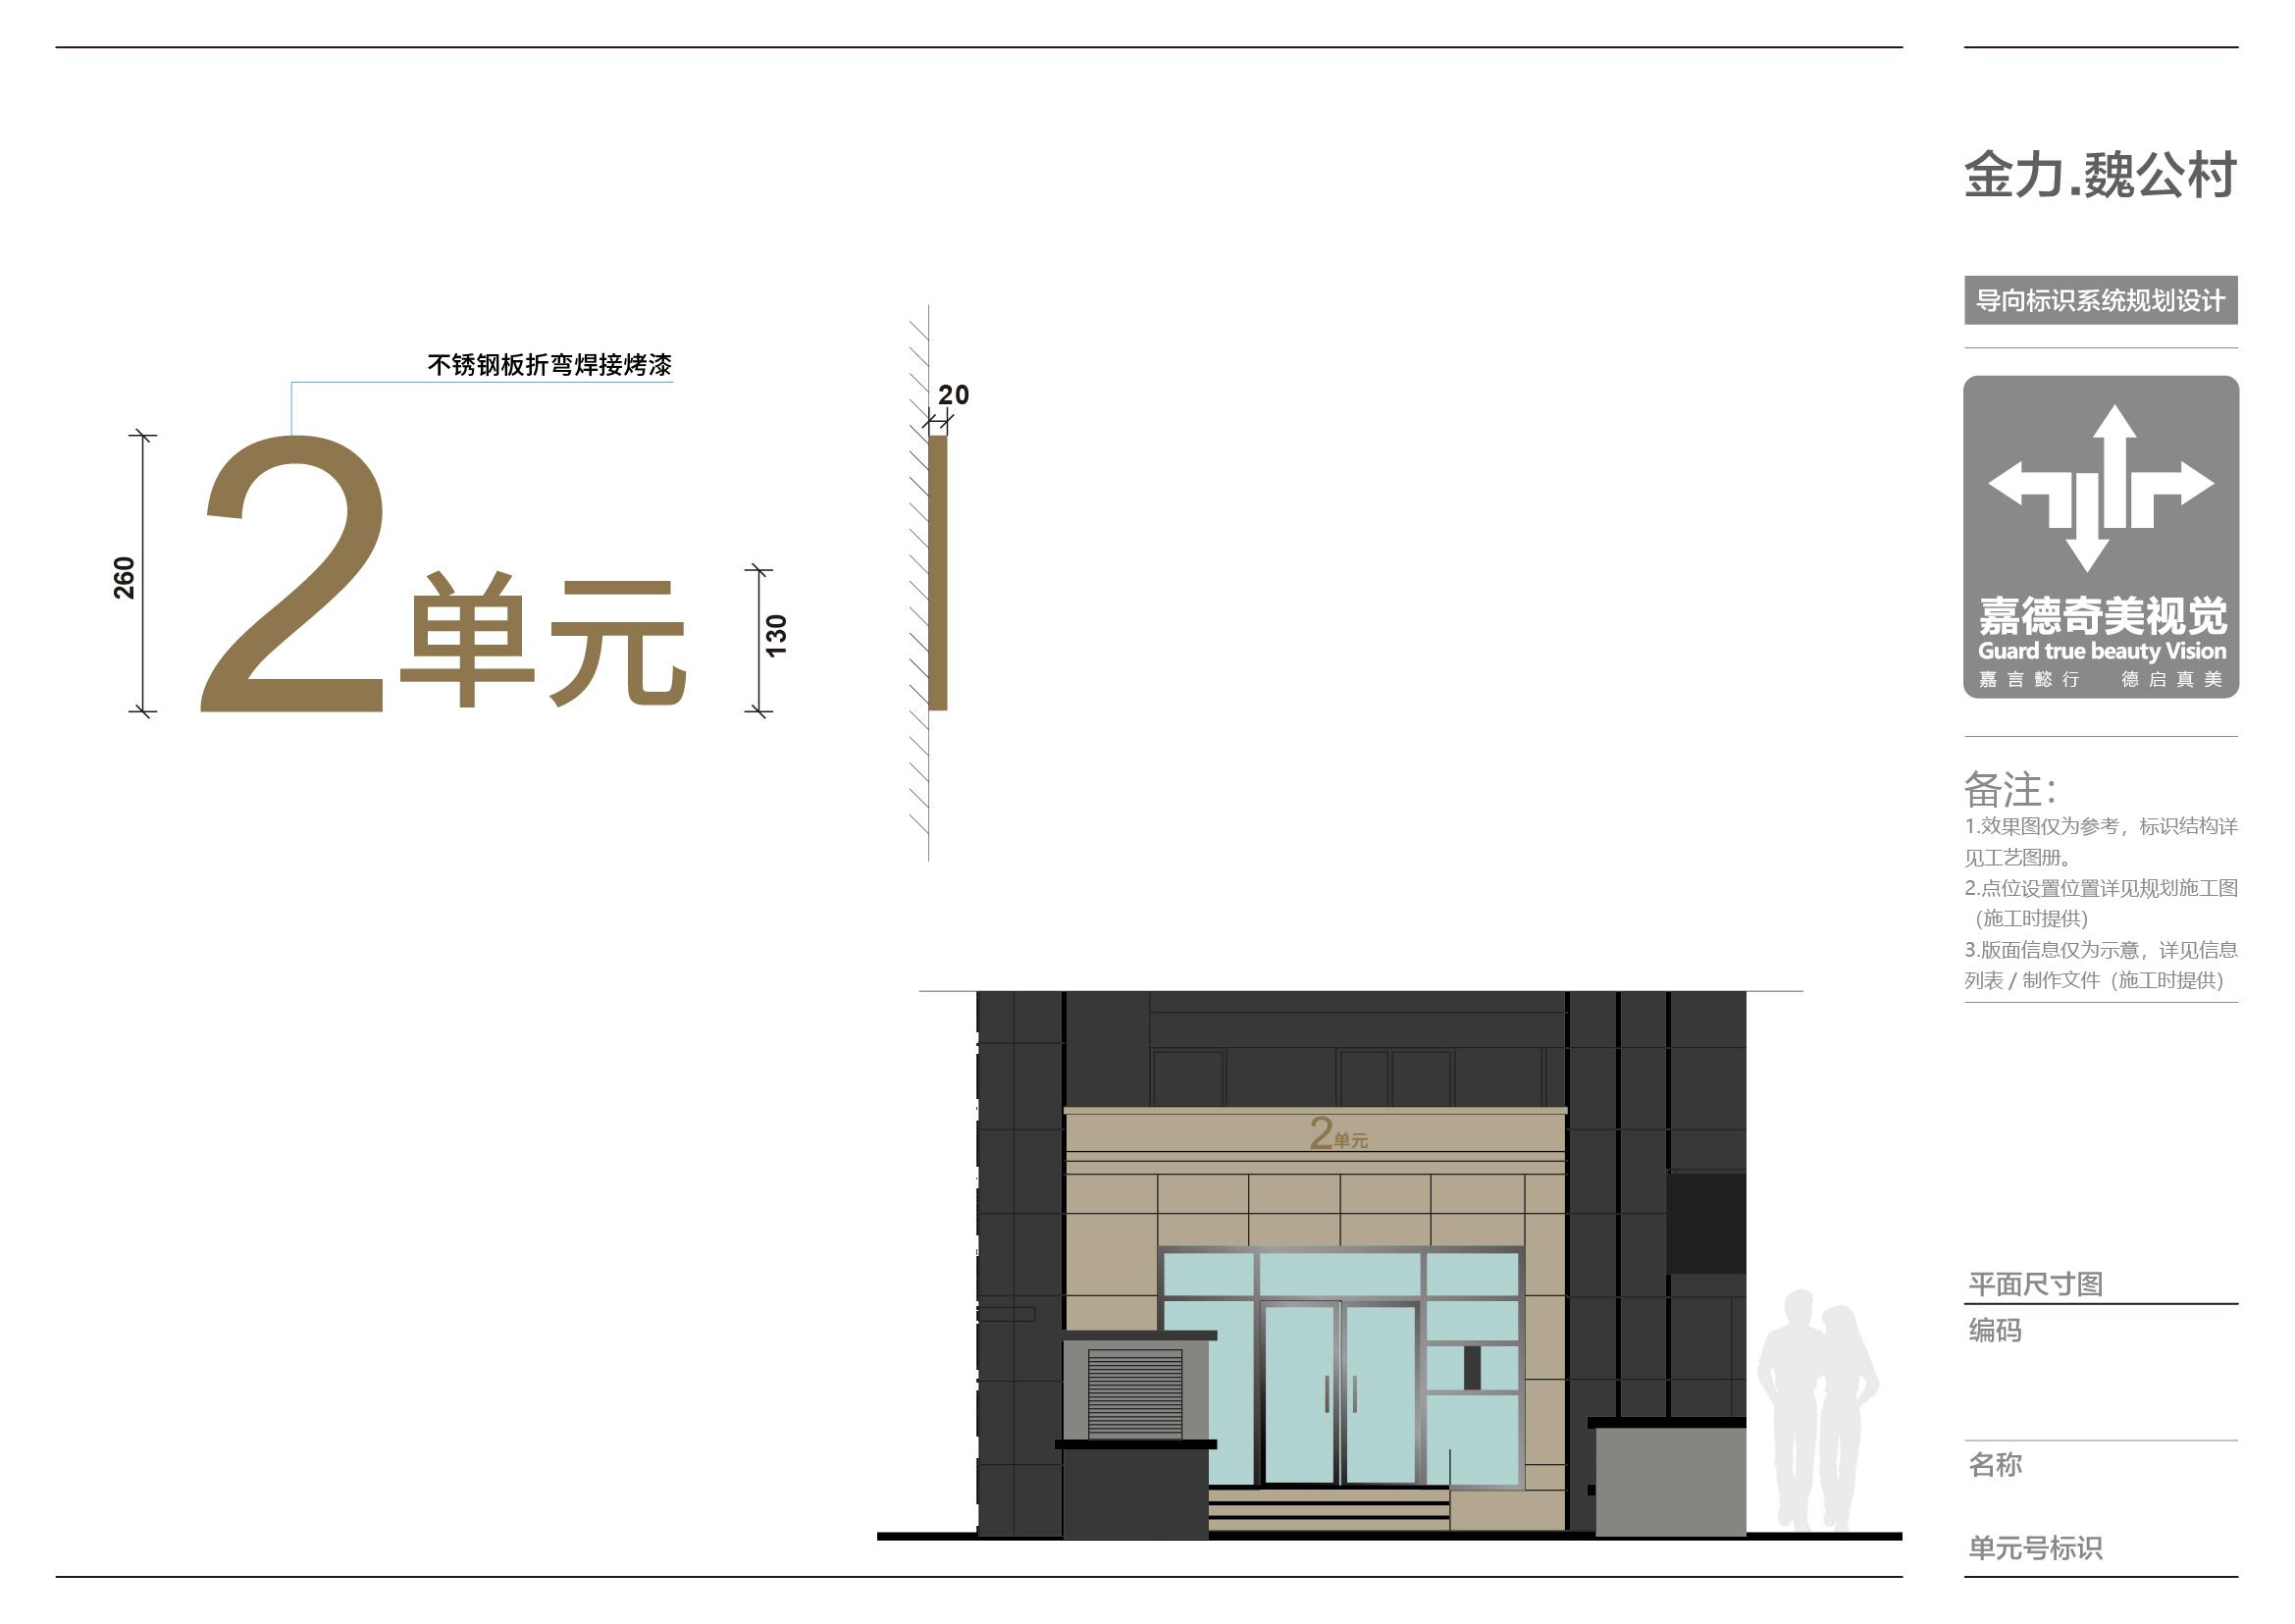 金力魏公村导示系统方案设计2019-12-18发_页面_07